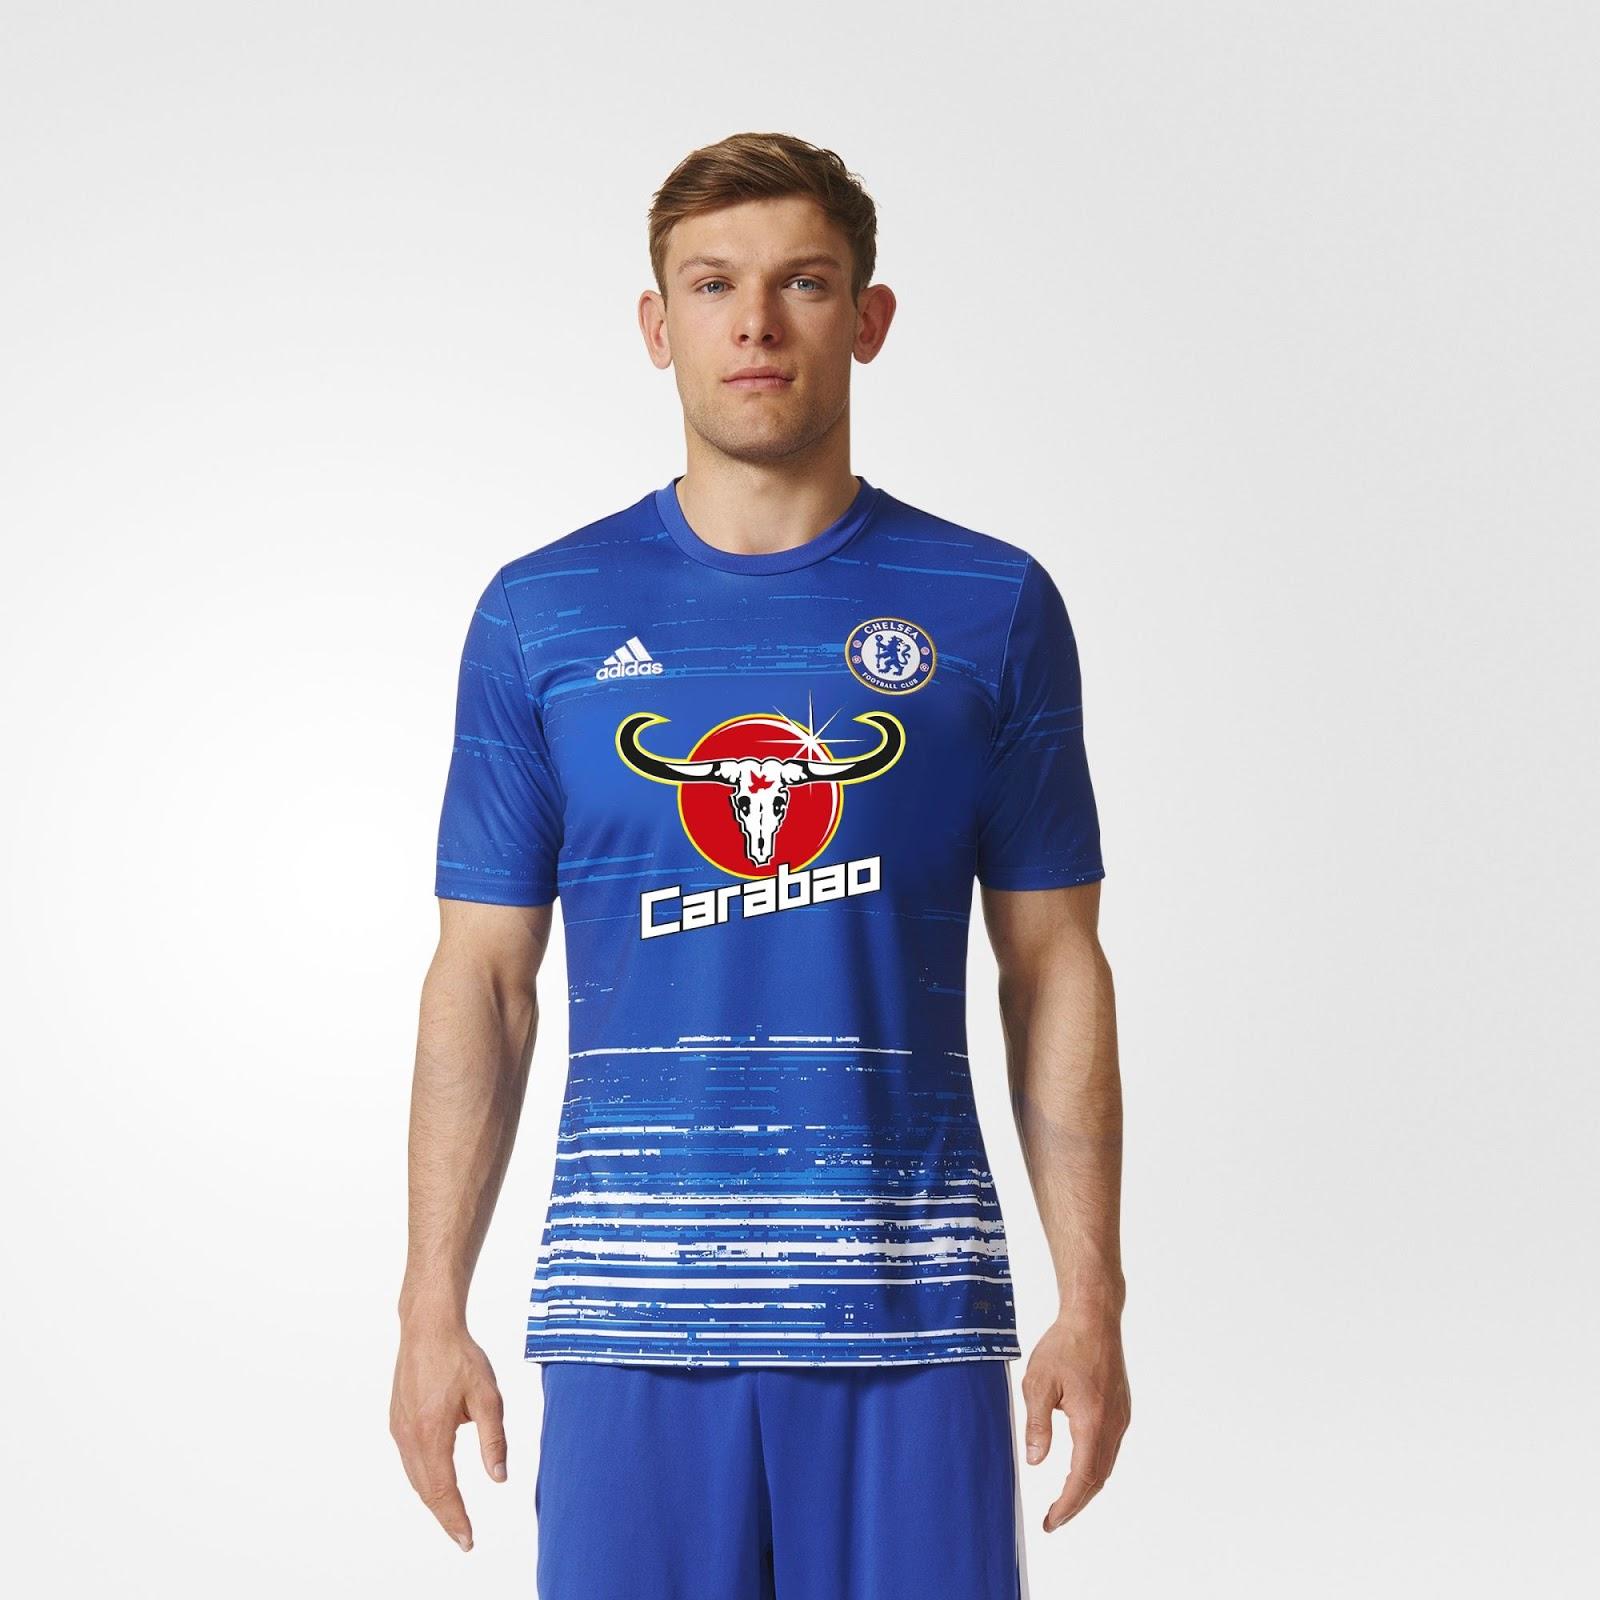 Le maillot pré-match des Blues